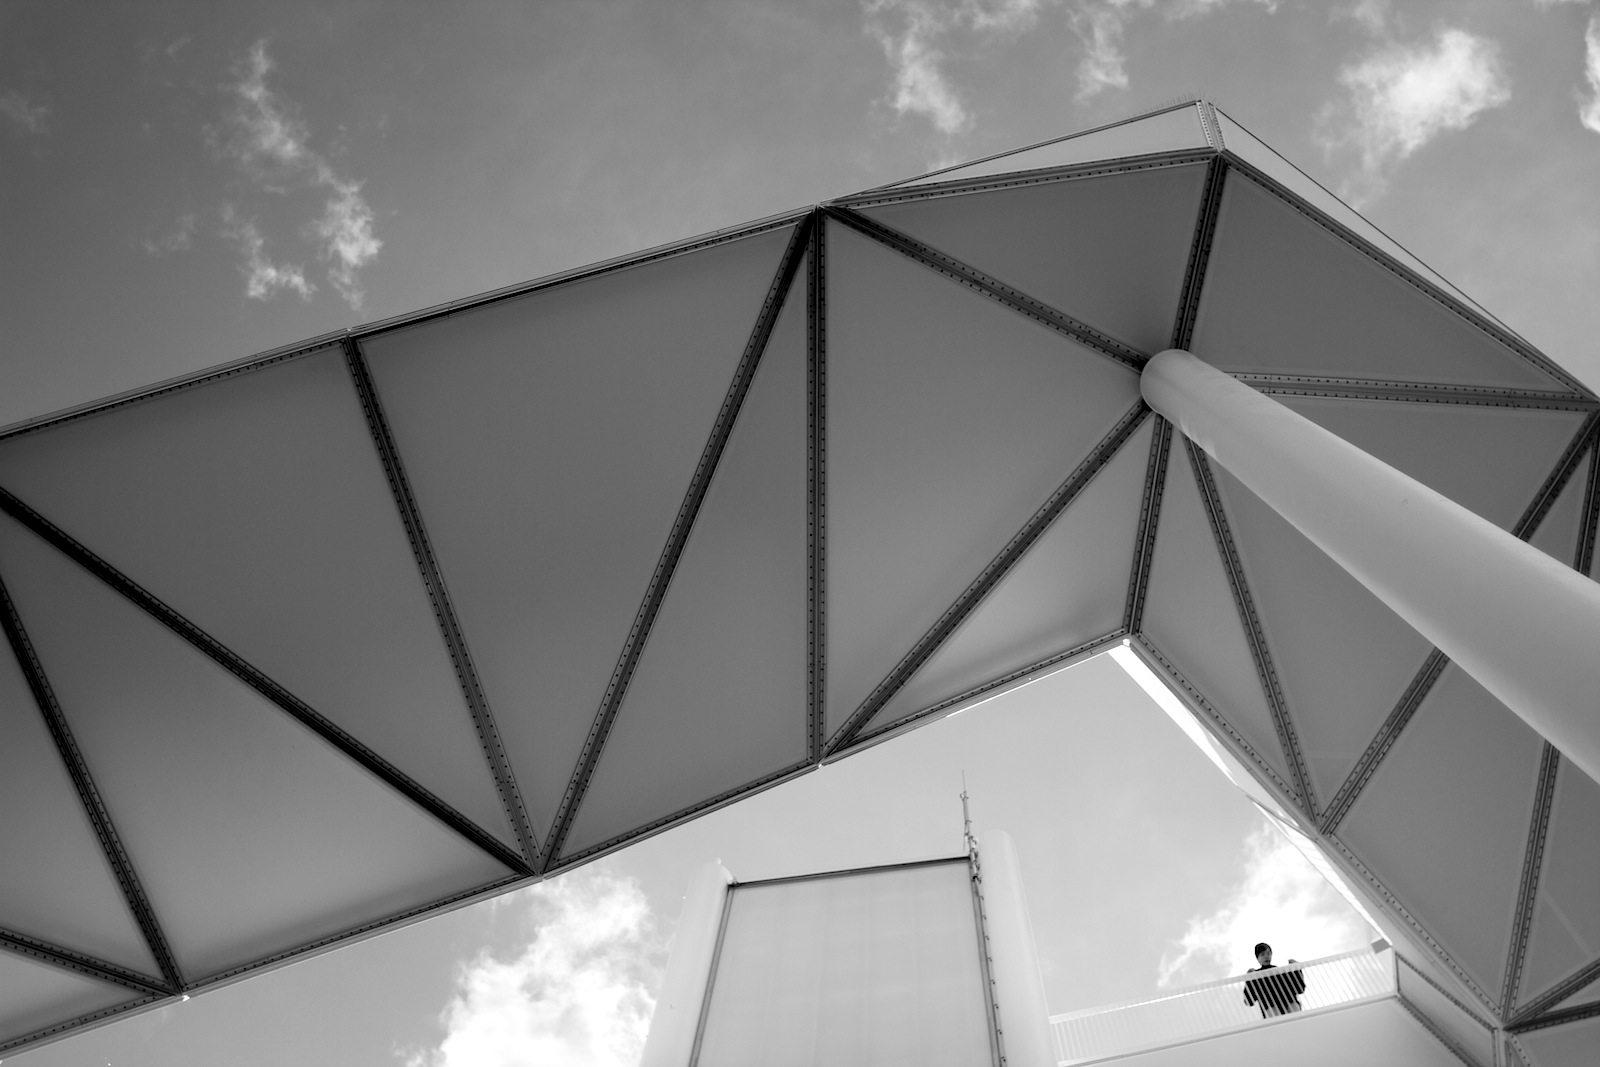 Wolkenhain. Die Konstruktion ermöglicht auf über 120 Metern über dem Meeresspiegel nicht nur einen umfassenden Blick auf das IGA-Ausstellungsgelände ...